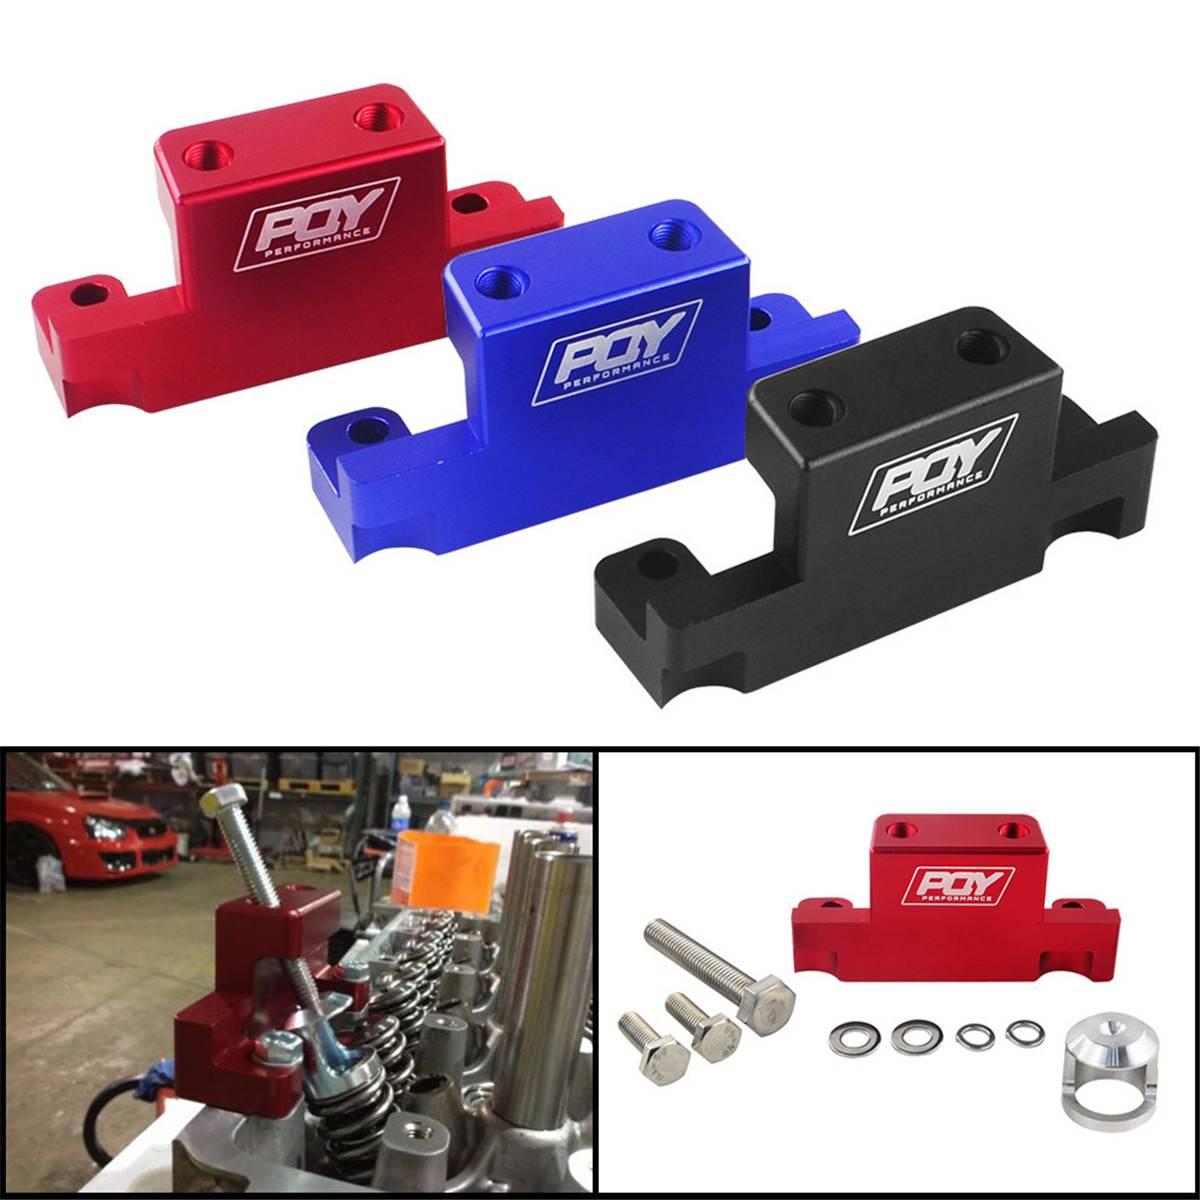 New Black/Red/Blue Valve Spring Compressor Tool For Honda S2000 F20c/F22c For Acura K-Series K20 K24 Valve Spring Wrench